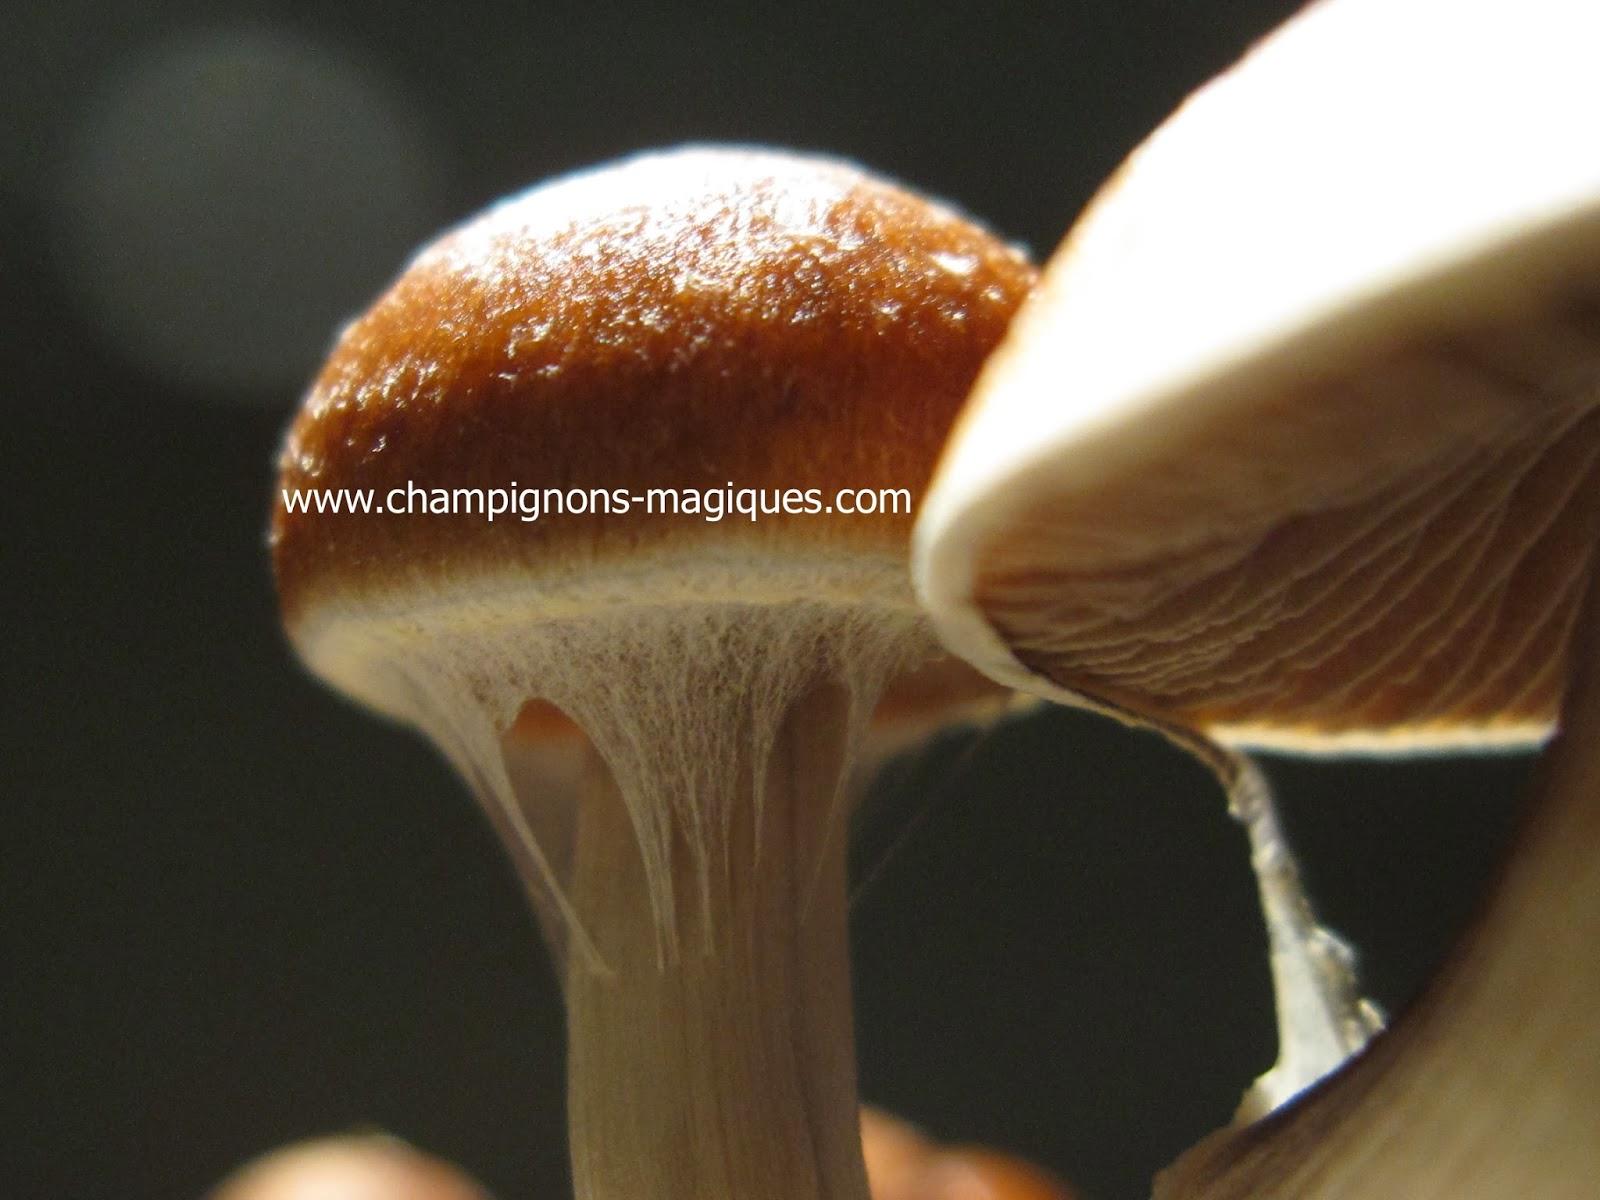 Faire pousser des champignons magiques Étape par Étape - 2014